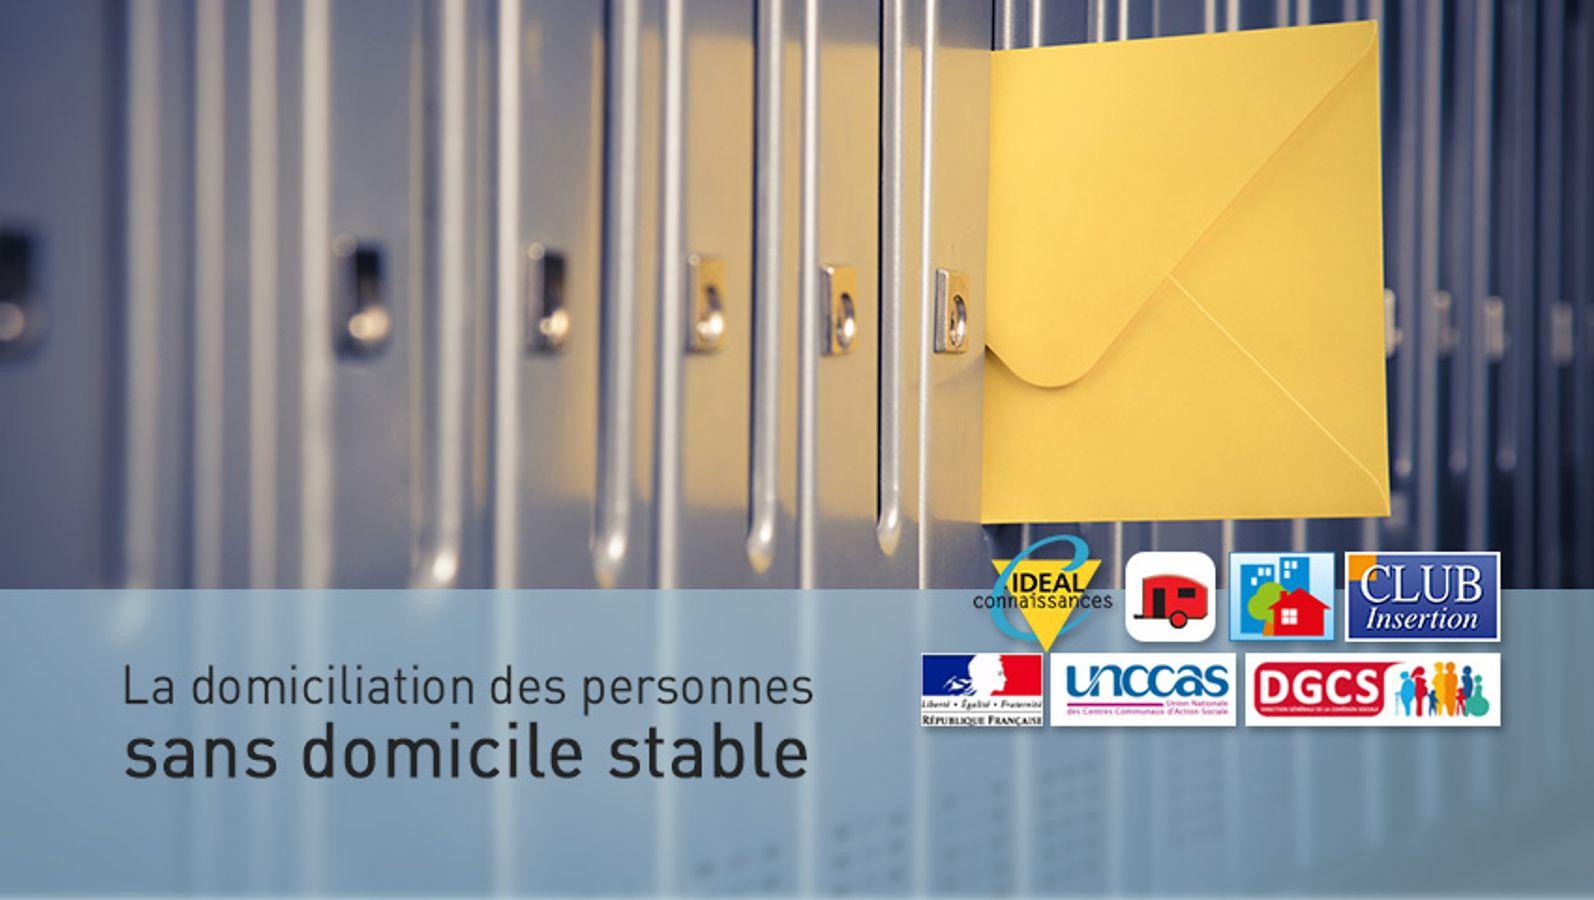 LA DOMICILIATION DES PERSONNES SANS DOMICILE STABLE